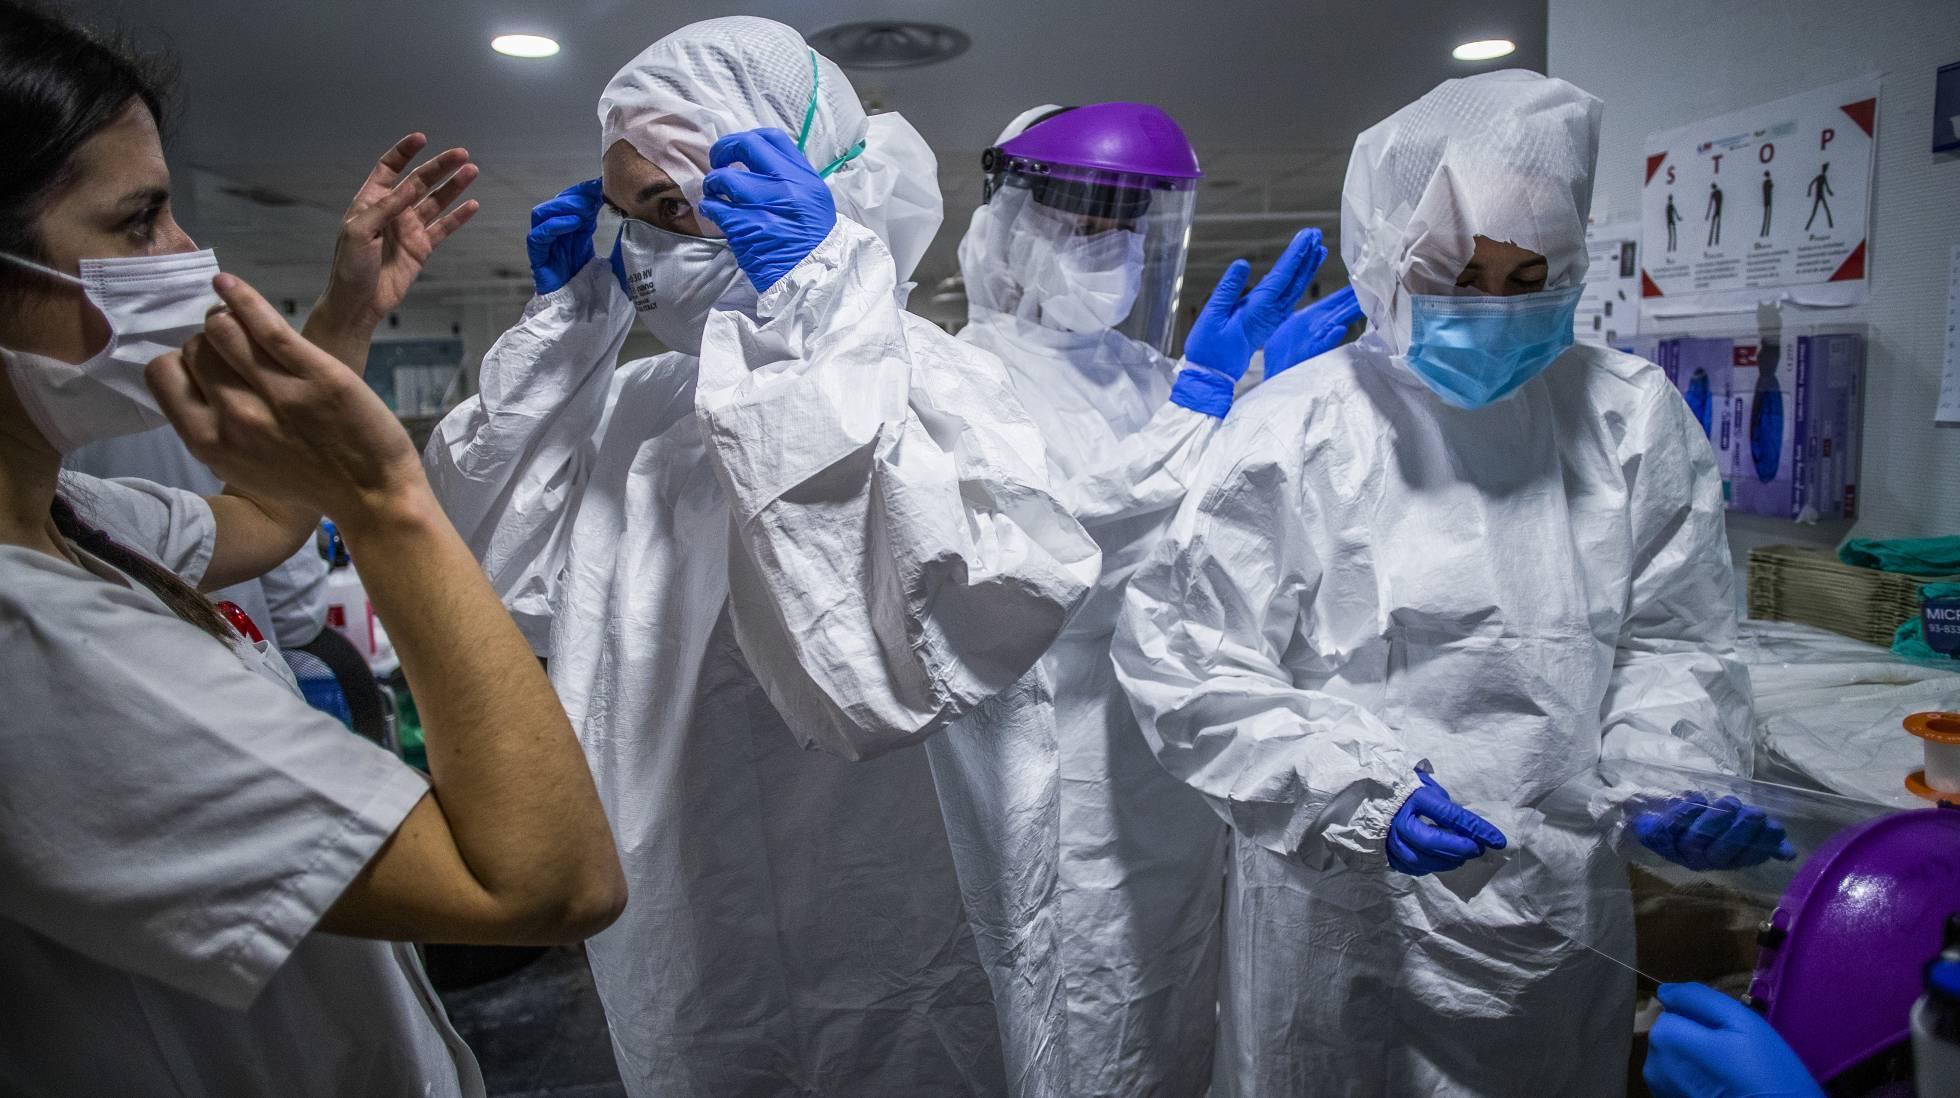 En plena pandemia, hoy se celebra el día de la sanidad